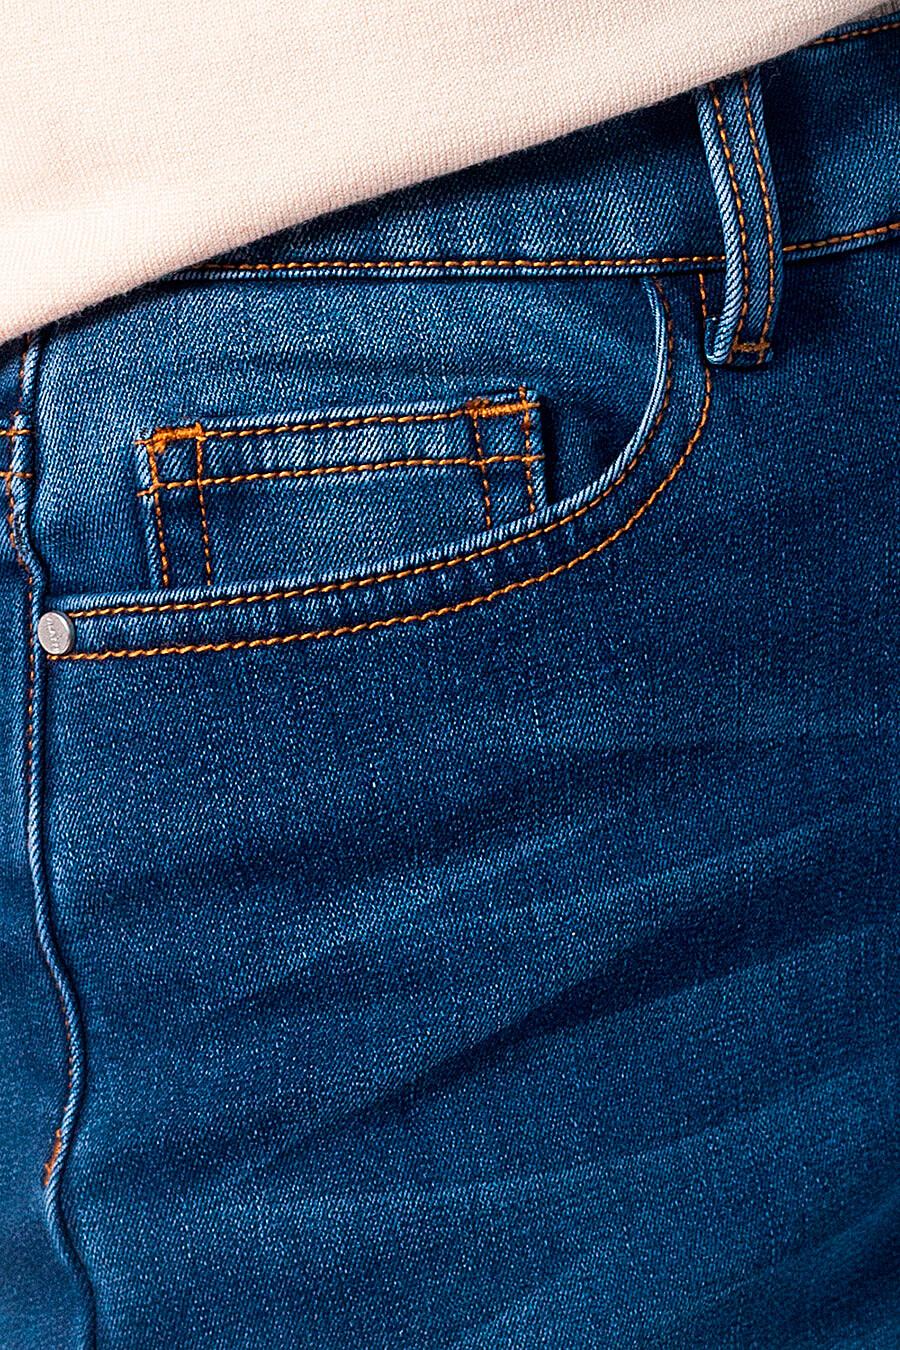 Джинсы для женщин VILATTE 700229 купить оптом от производителя. Совместная покупка женской одежды в OptMoyo